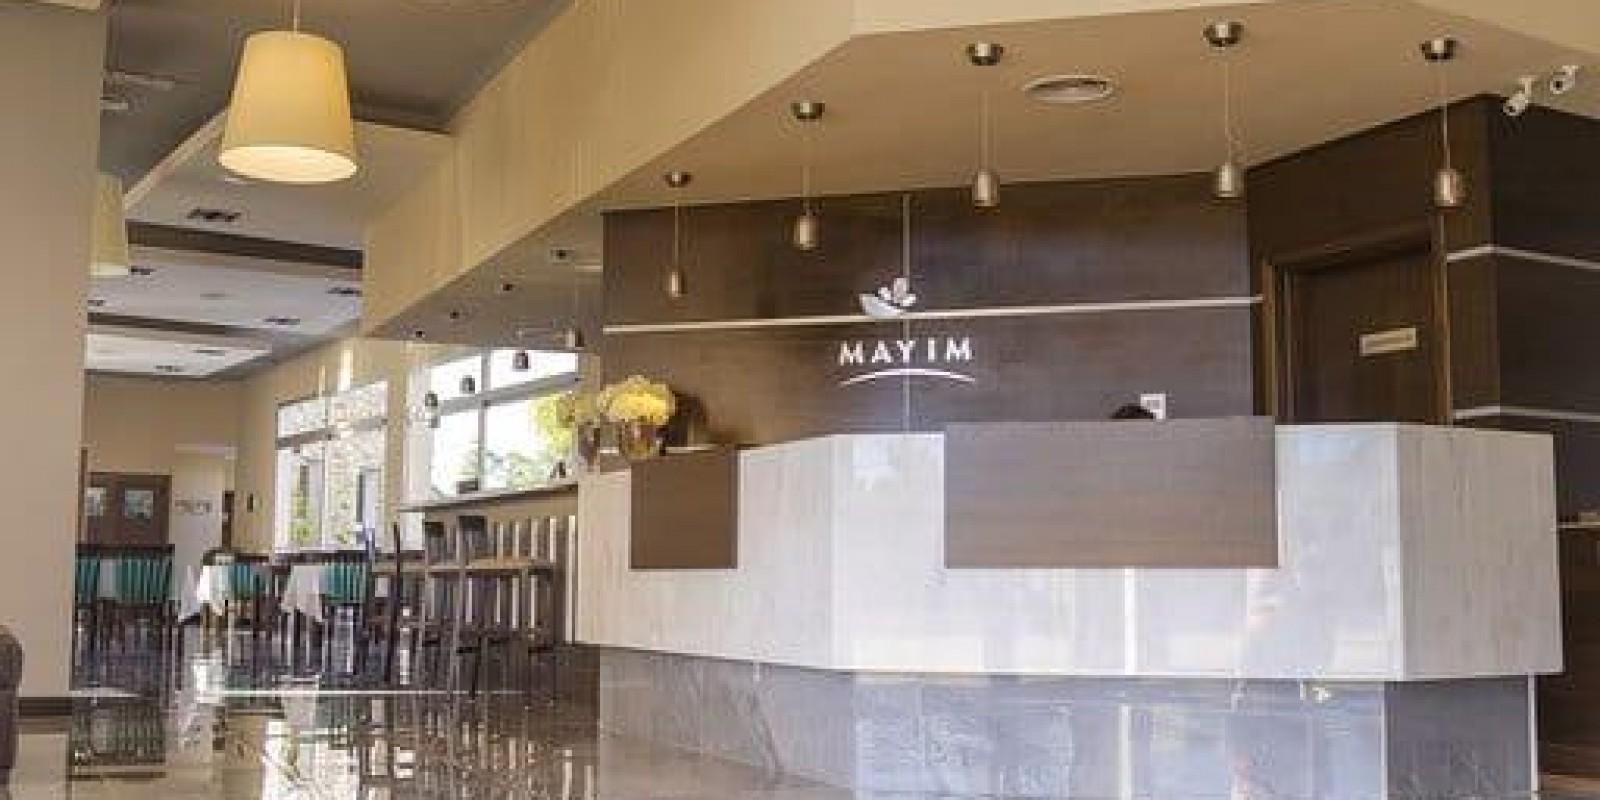 Hotel Termal Mayim  - Foto 1 de 10